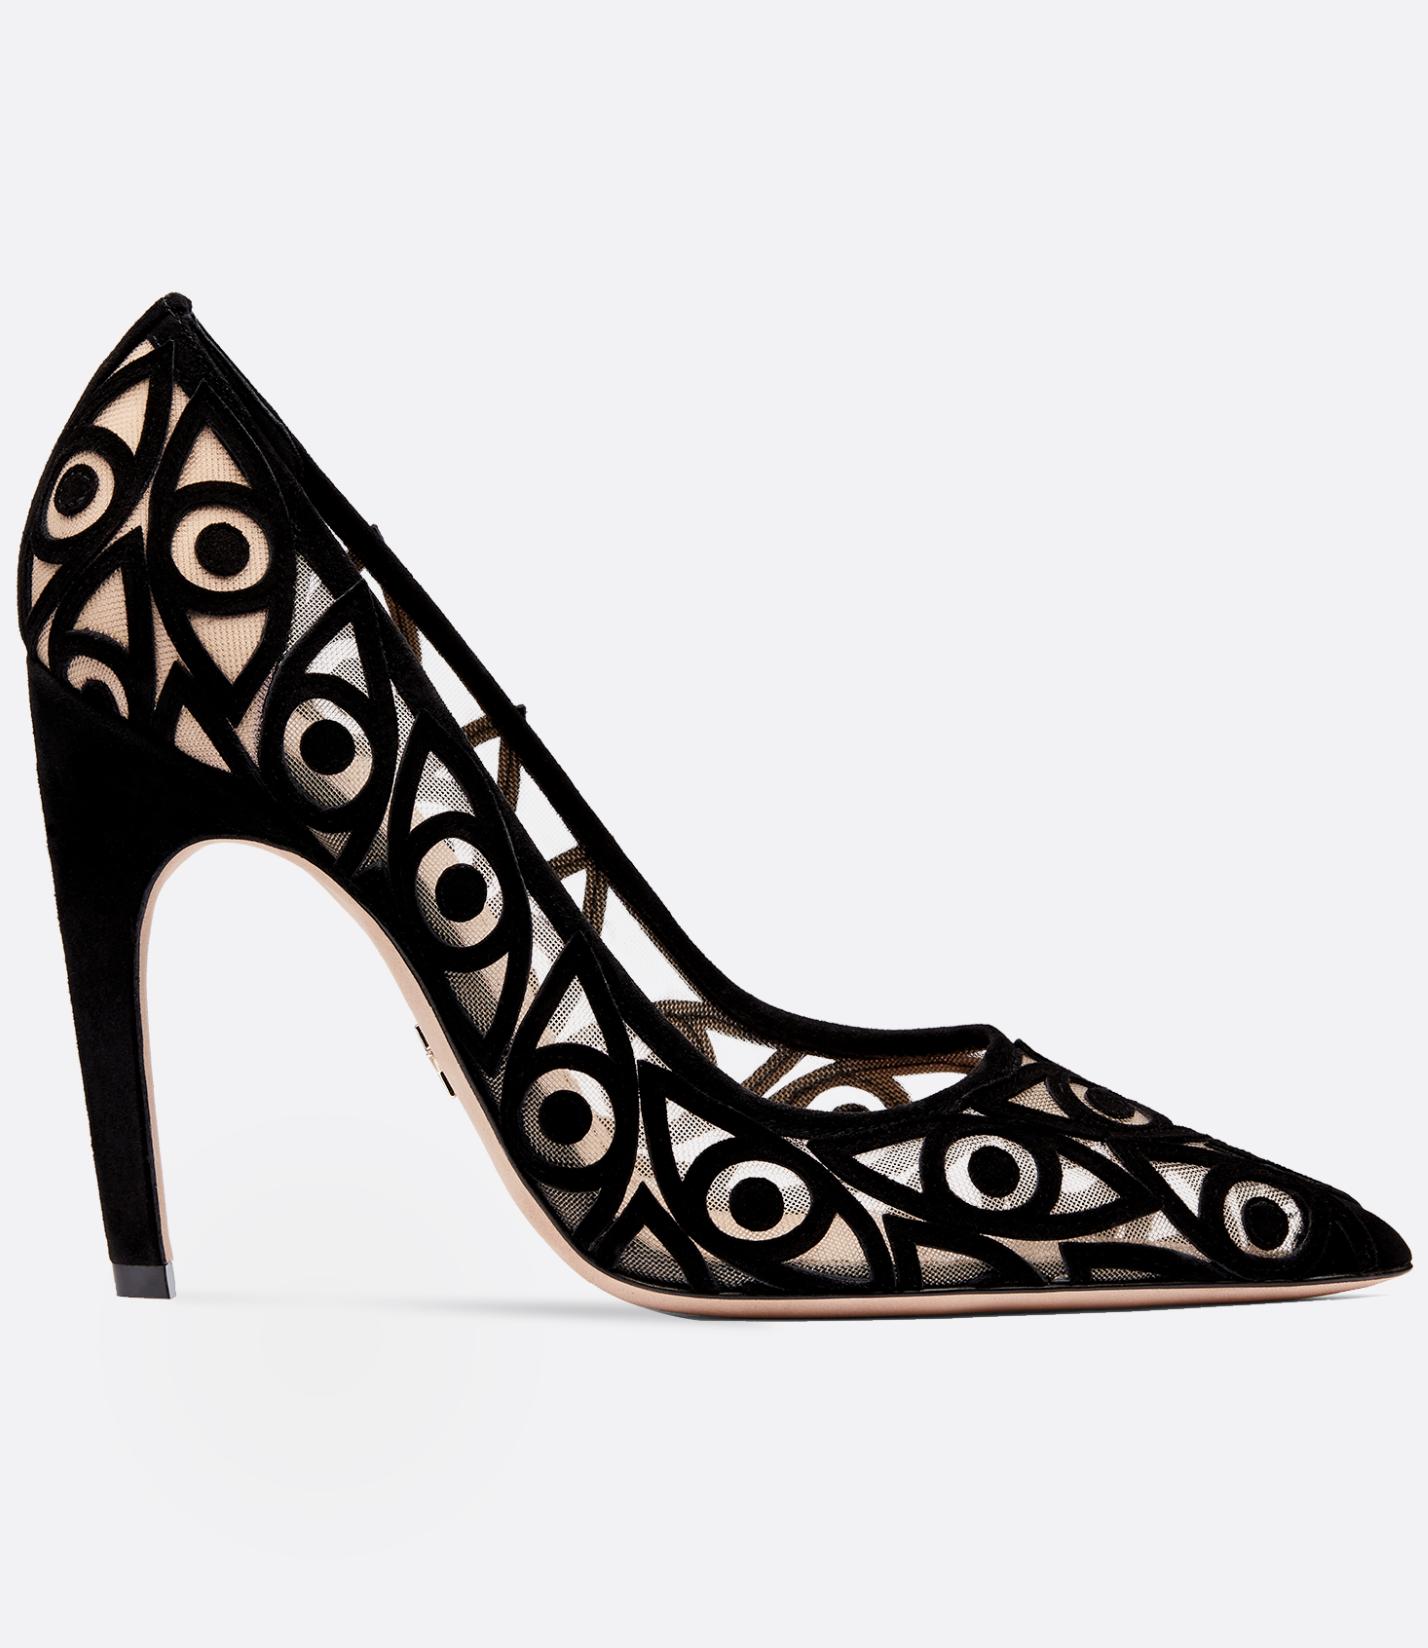 scarpe moda 2019, tendenze scarpe con tacco 2019